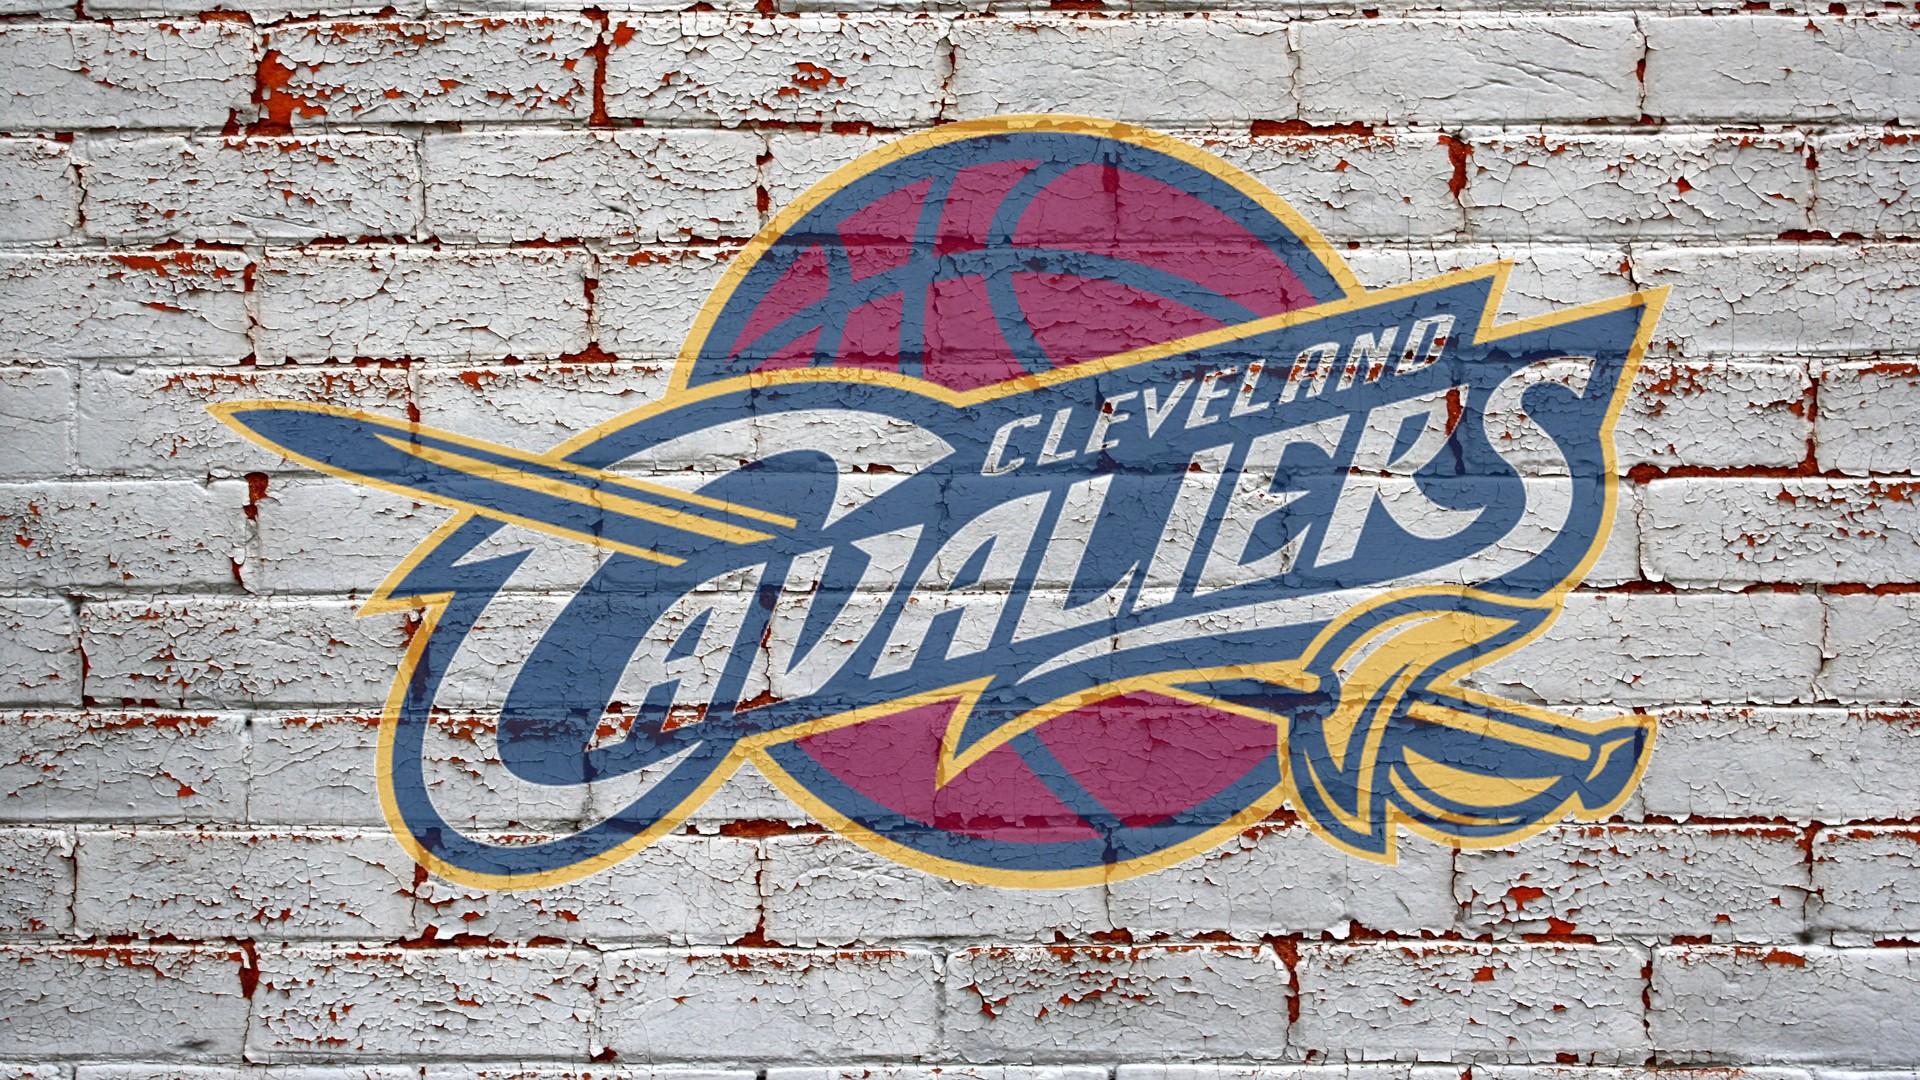 Cleveland Cavaliers HD Wallpapers Download Desktop Wallpaper 1920x1080